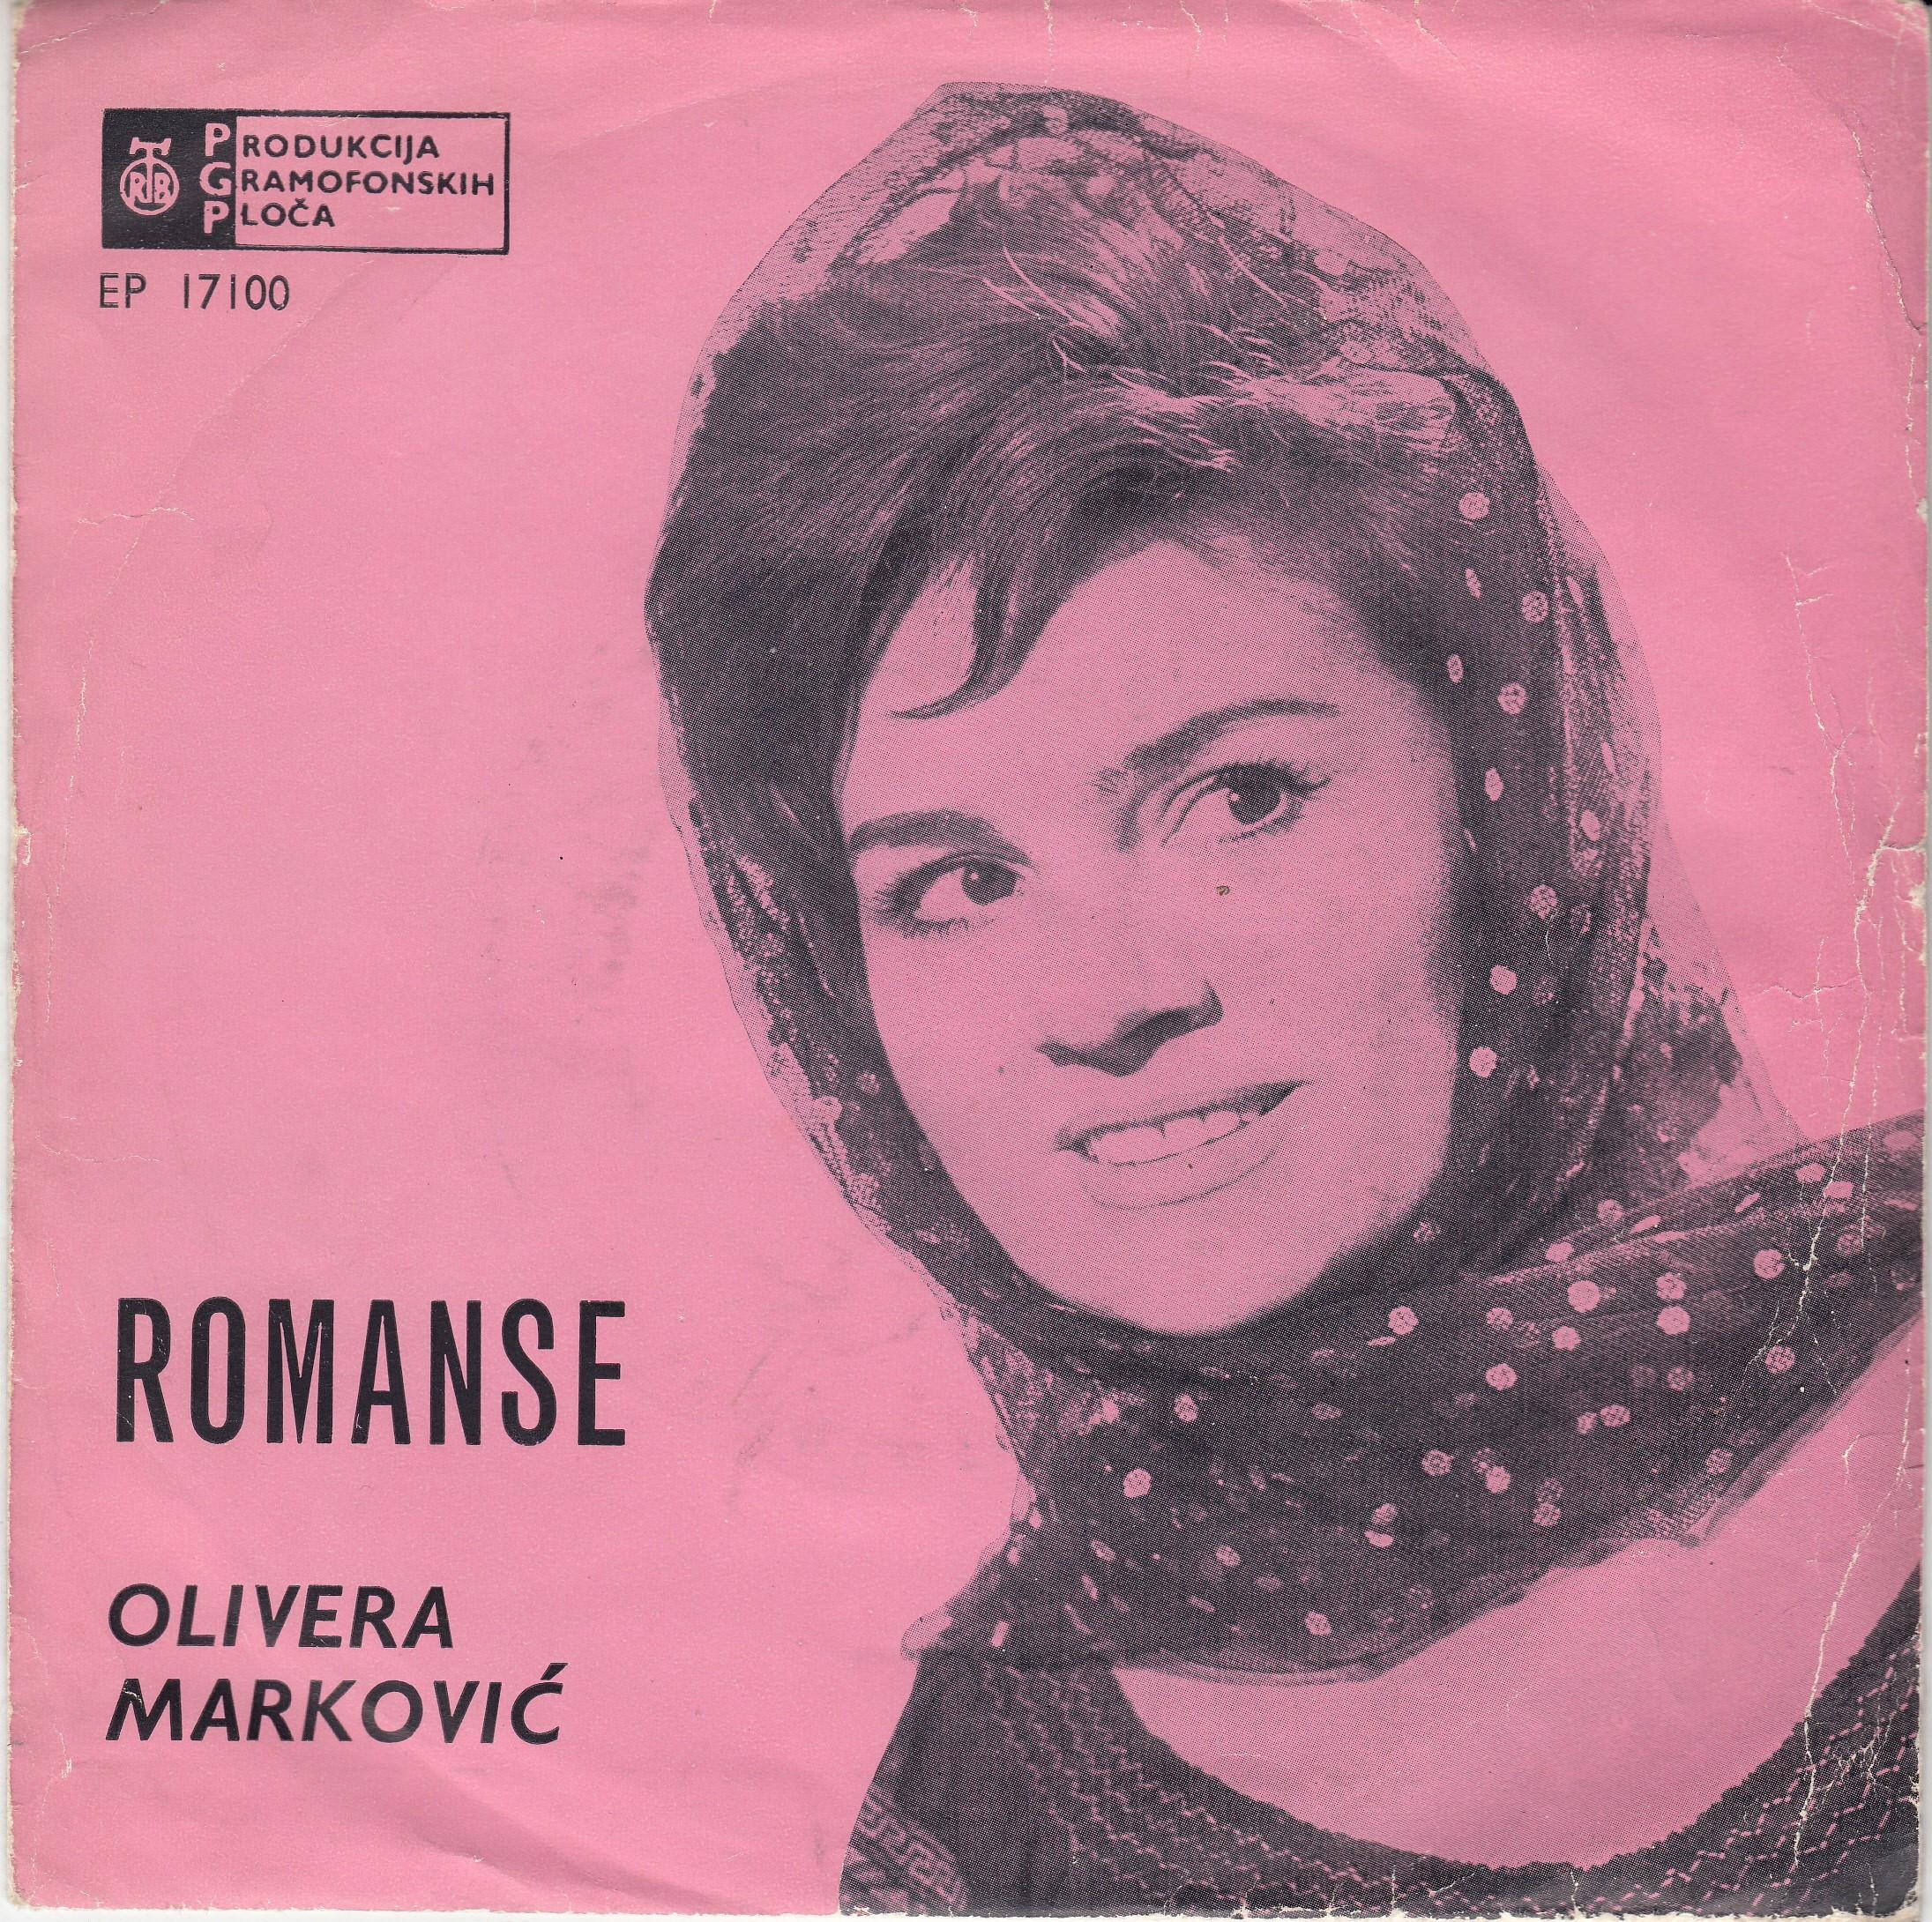 Markovic Olivera - Romanse-Hajde Trojka/sad Znanci Smo Samo/crne Oci/dan I Noc